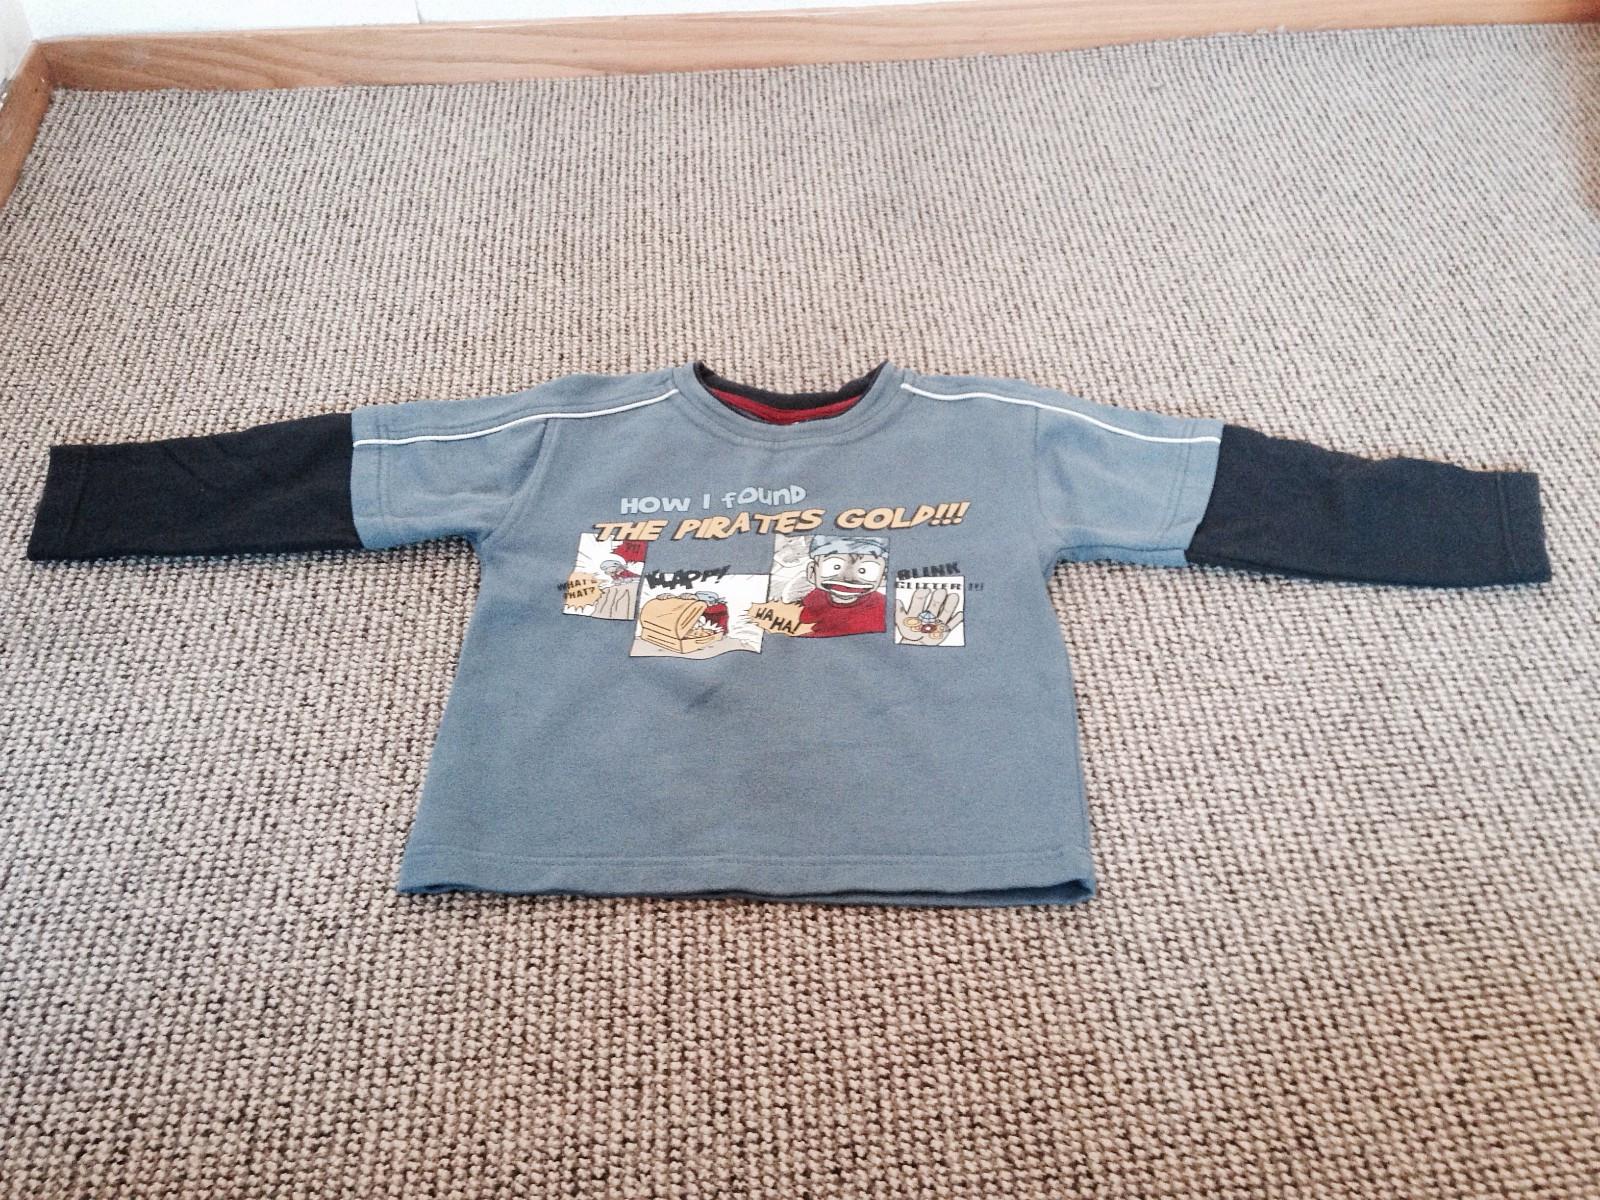 Shirt str. 110=50,-Kr. - Varhaug  - Shirt som ny i størrelse 110 - Varhaug